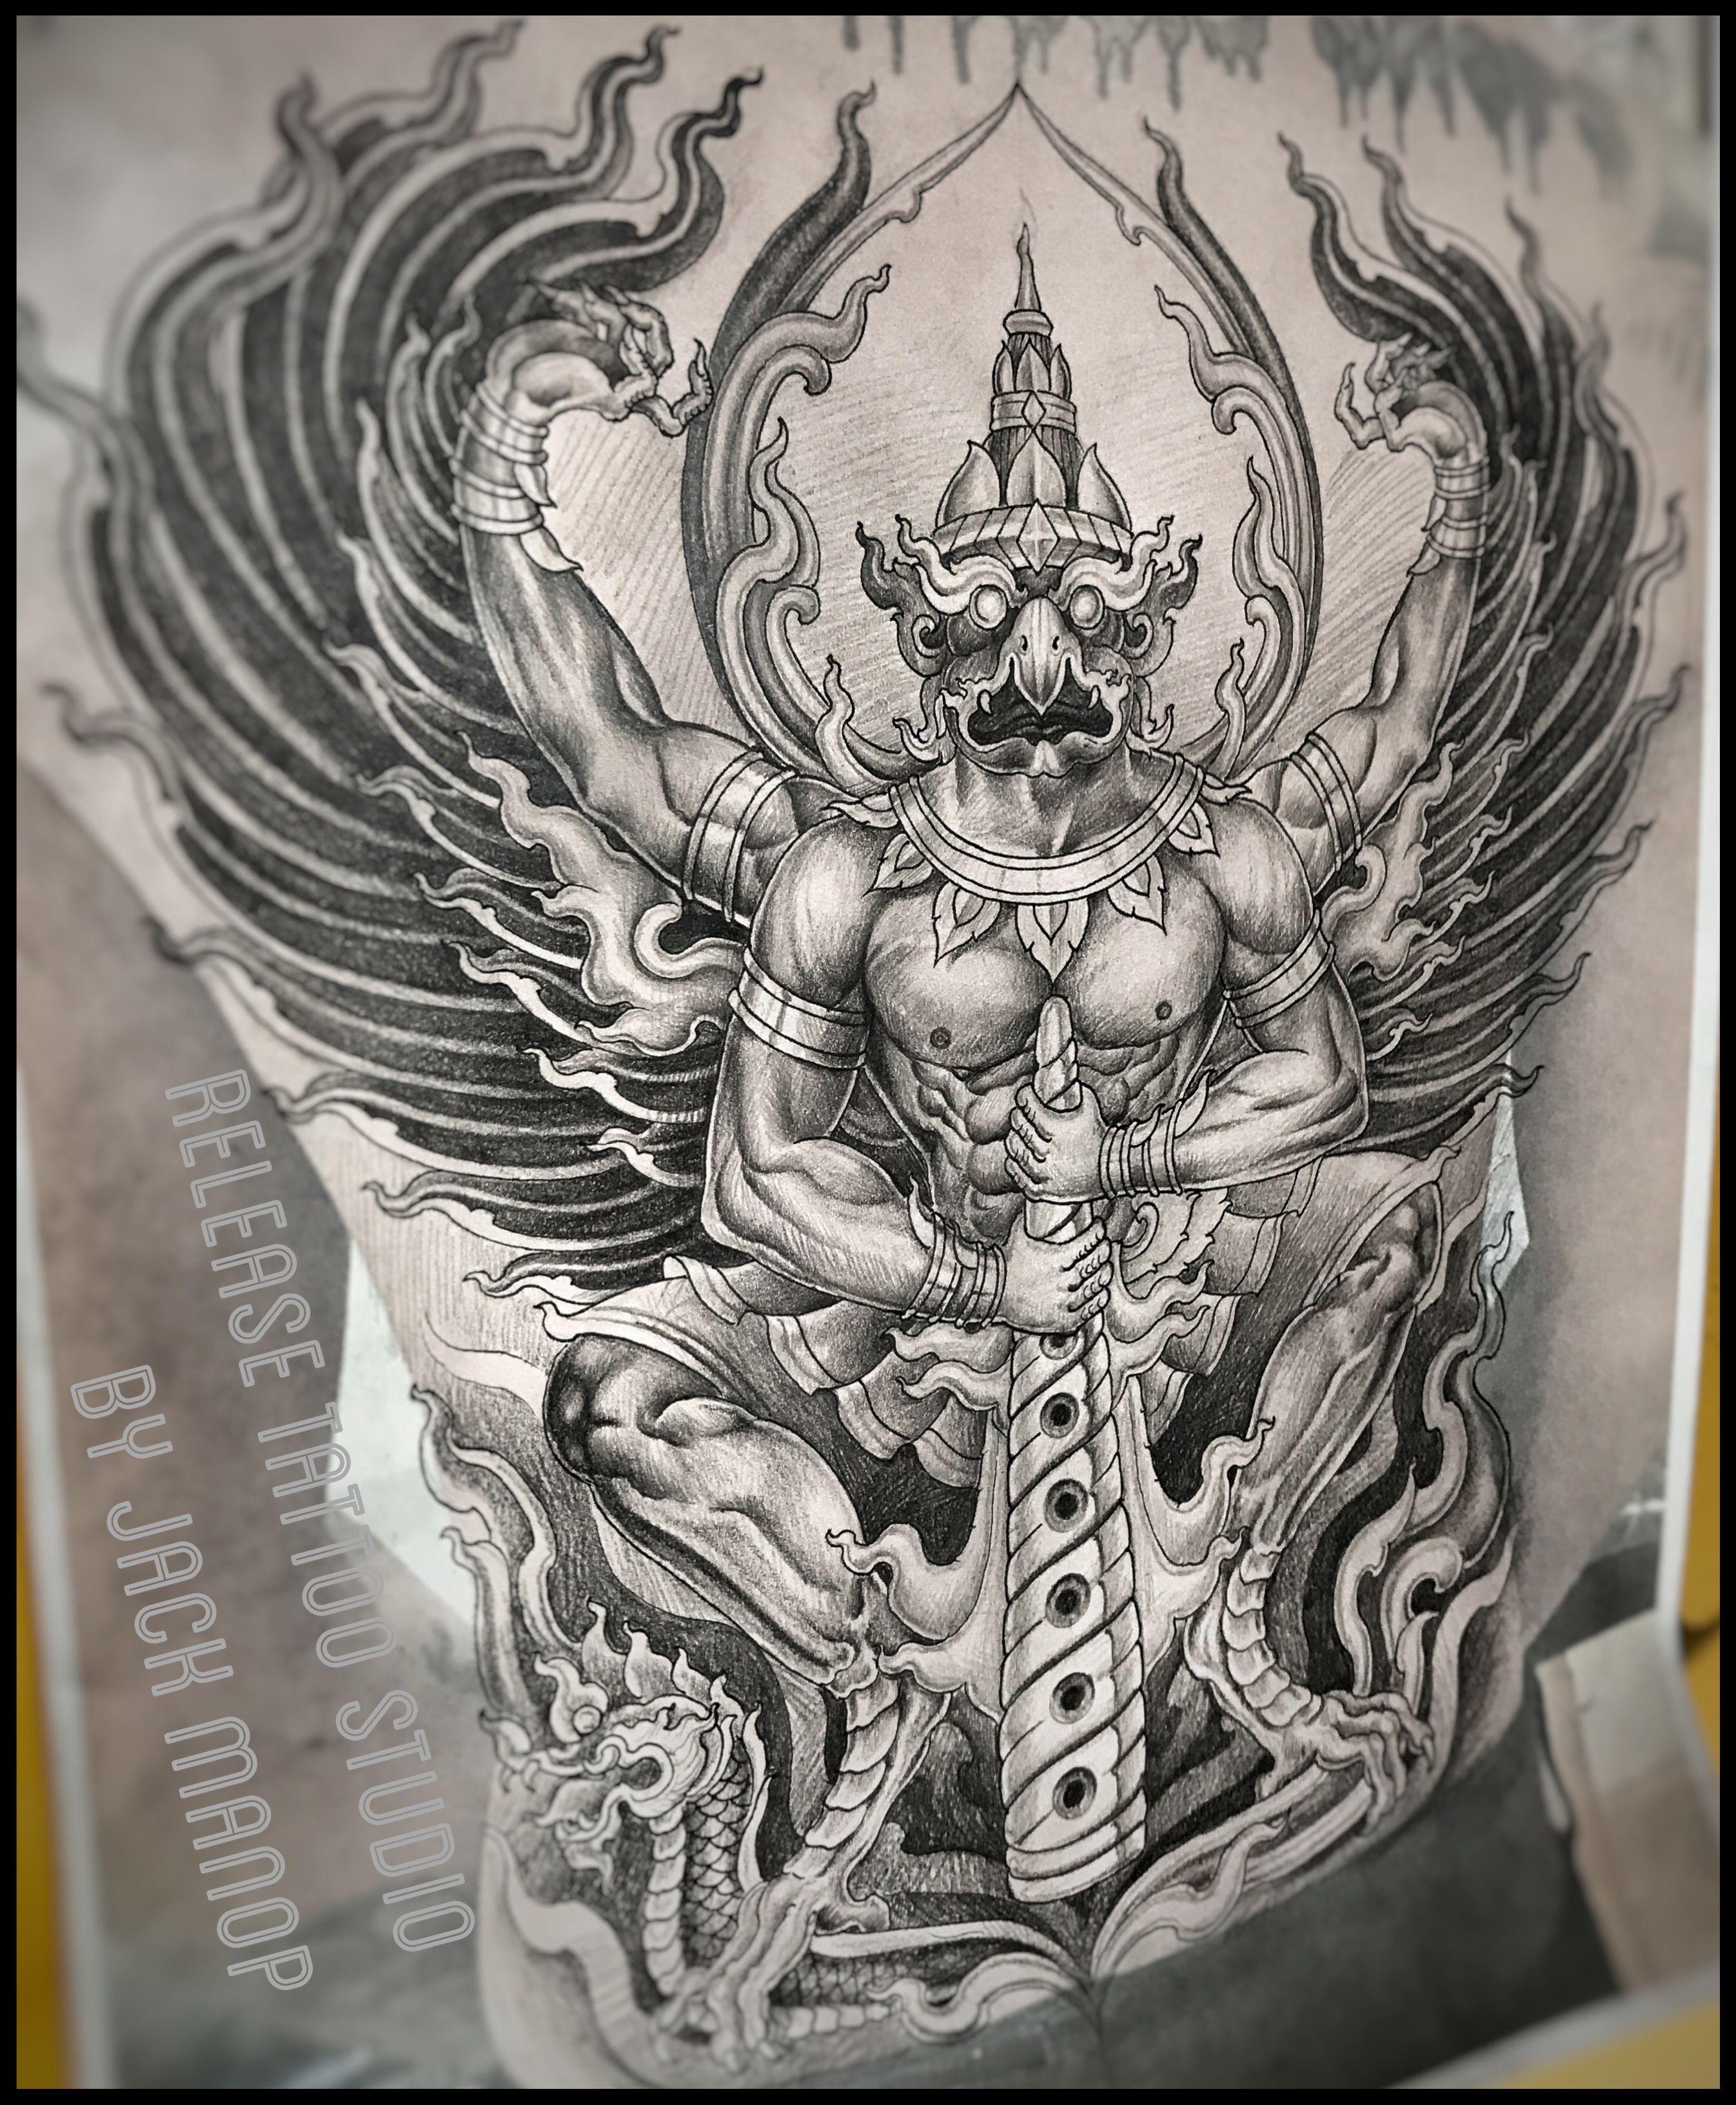 neo thai thai tattoo jack manop line id jack010829 release tattoo studio release. Black Bedroom Furniture Sets. Home Design Ideas